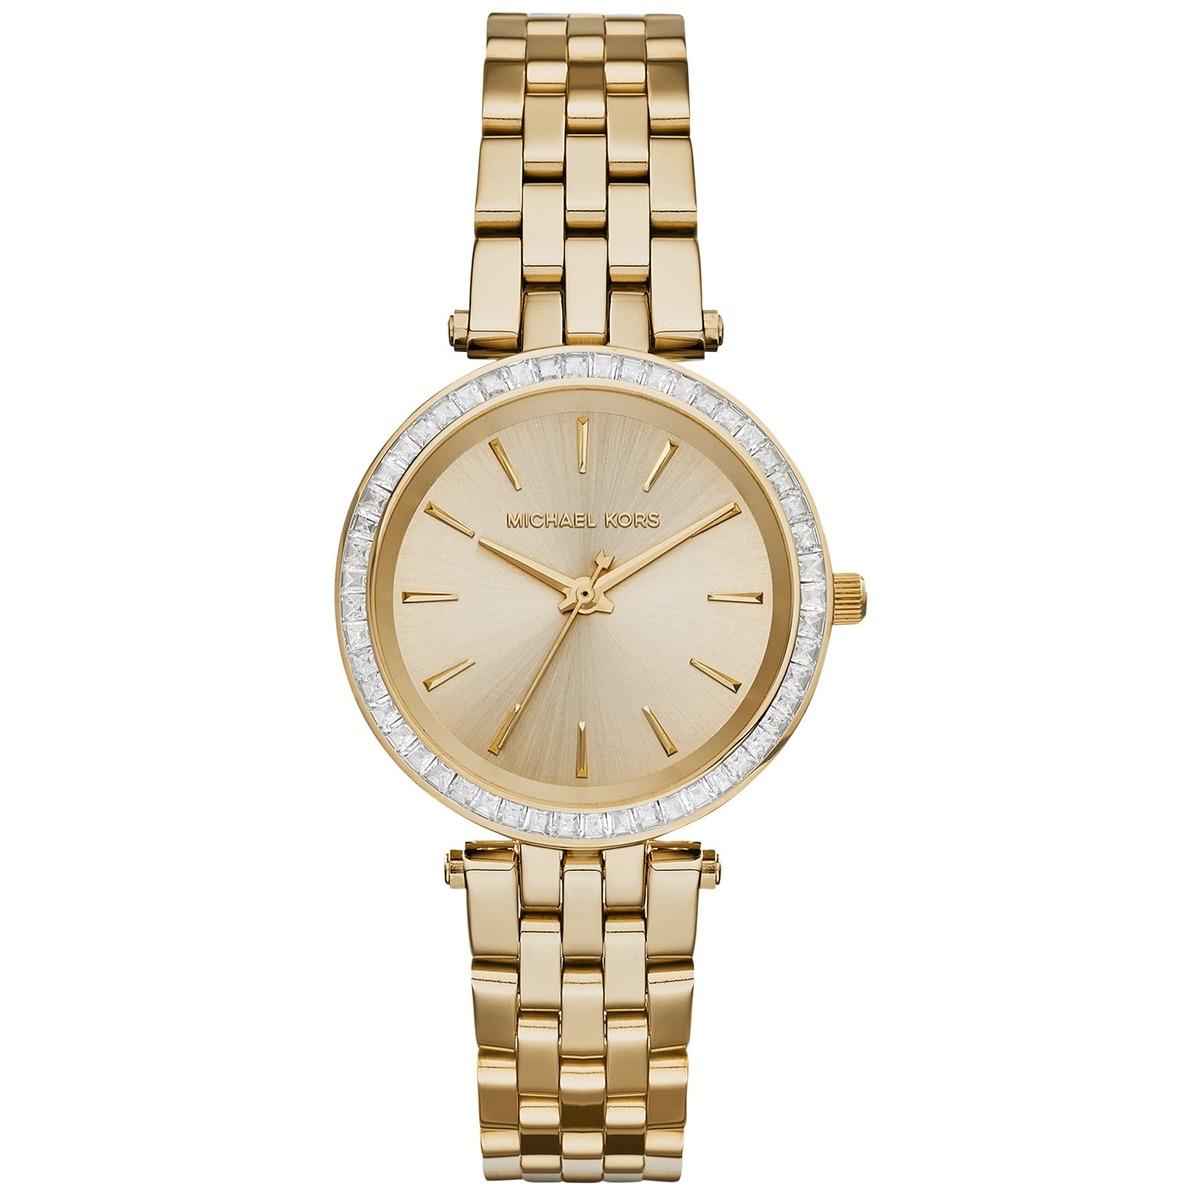 fd8d346a976e3 relógio michael kors darci dourado analógico feminino mk3365. Carregando  zoom.